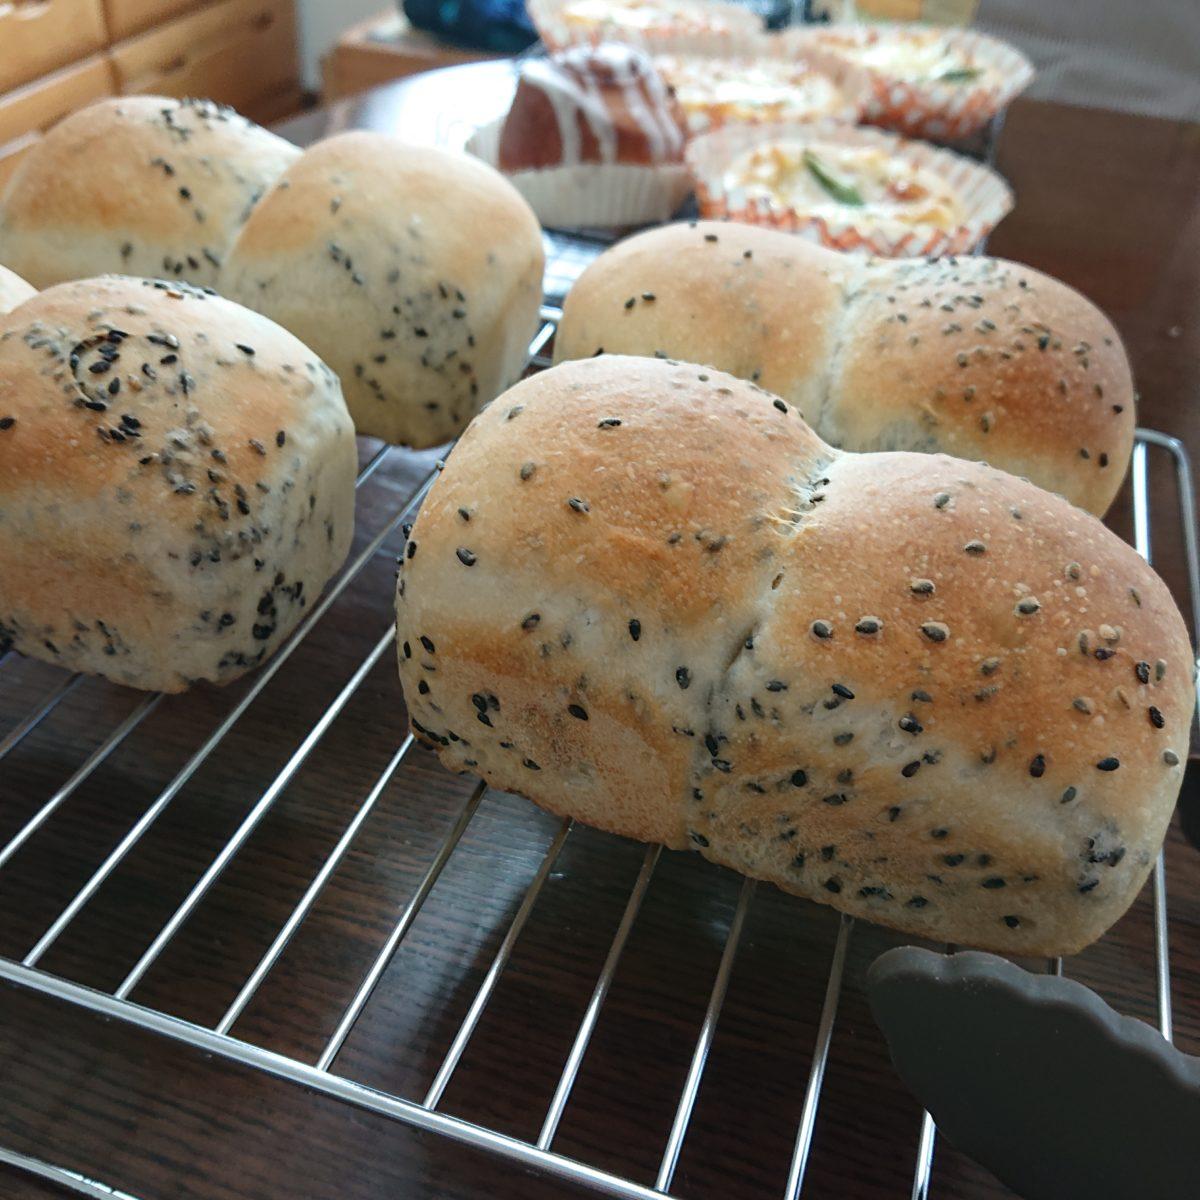 美味しそうなパンの写真を見て。